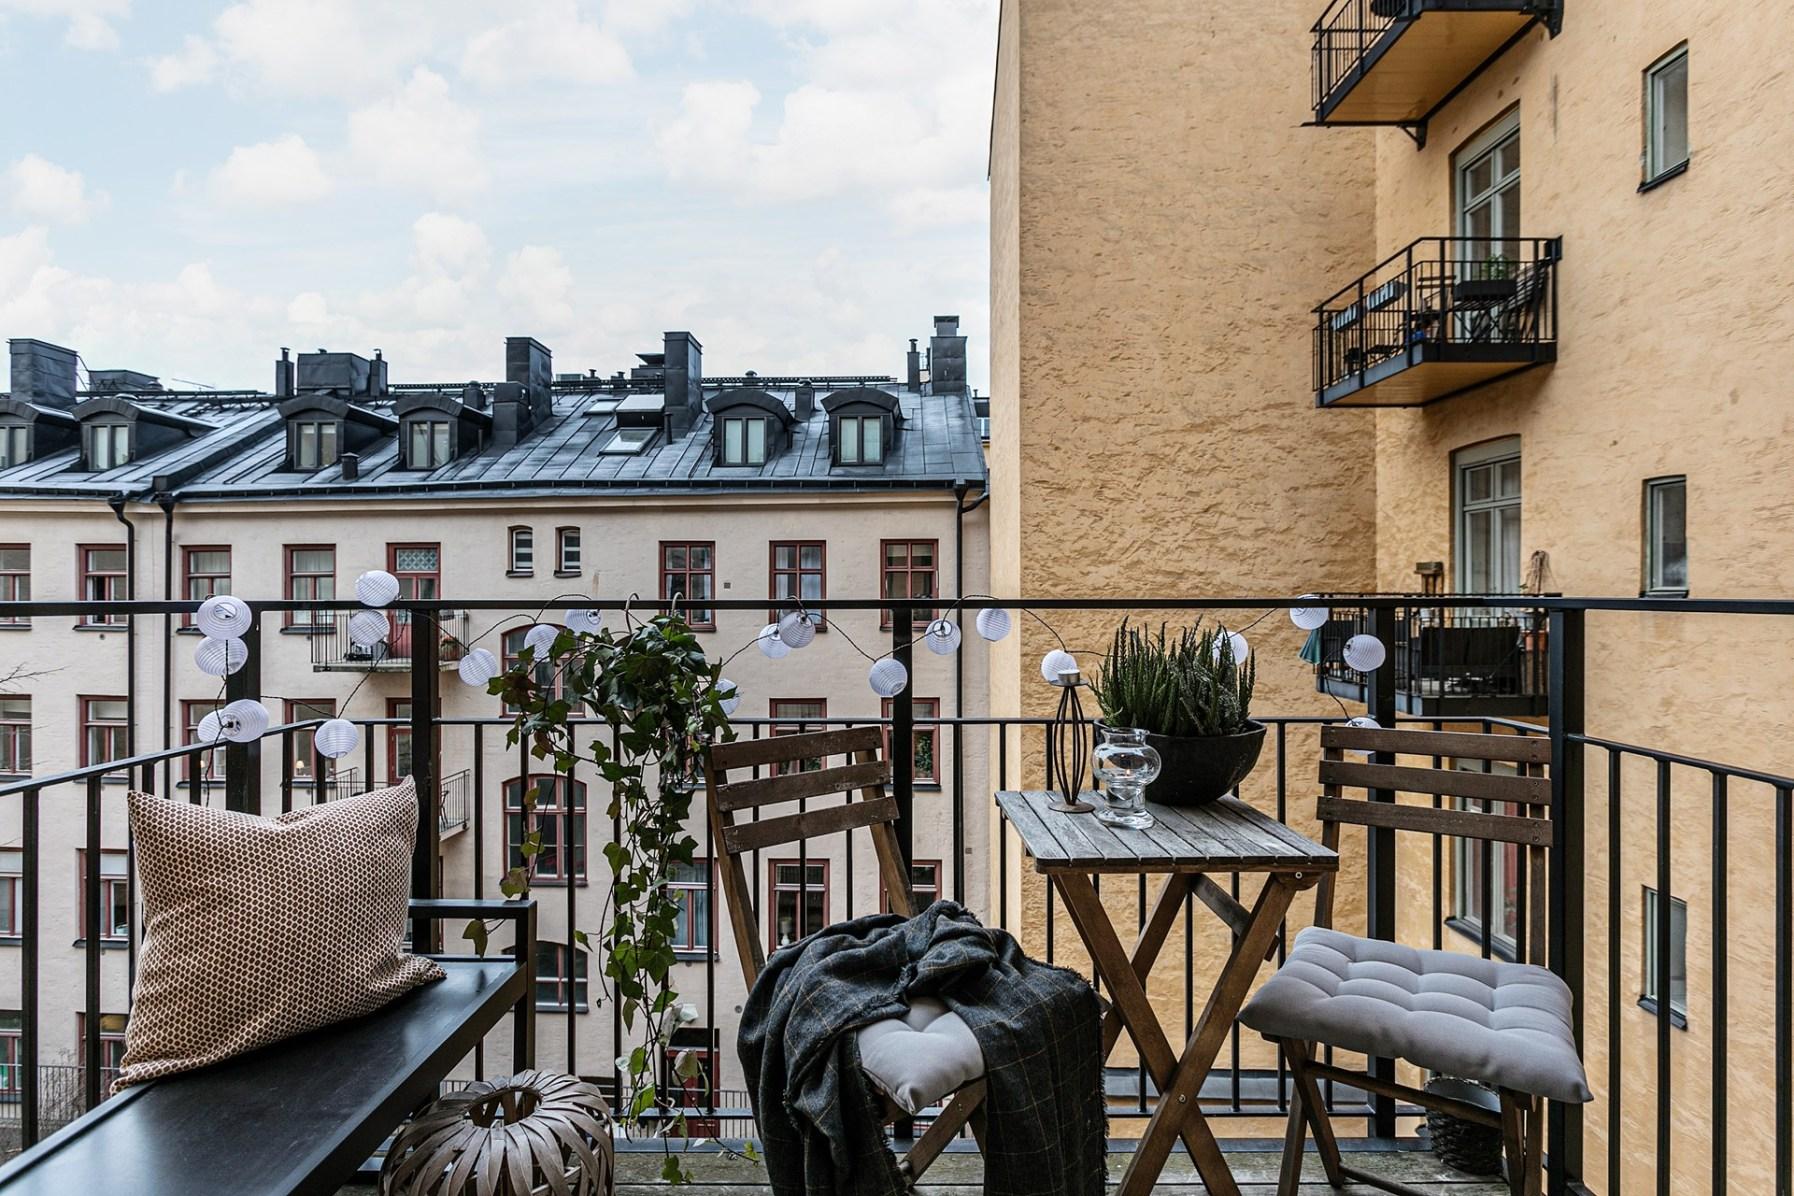 квартира 89 квм балкон